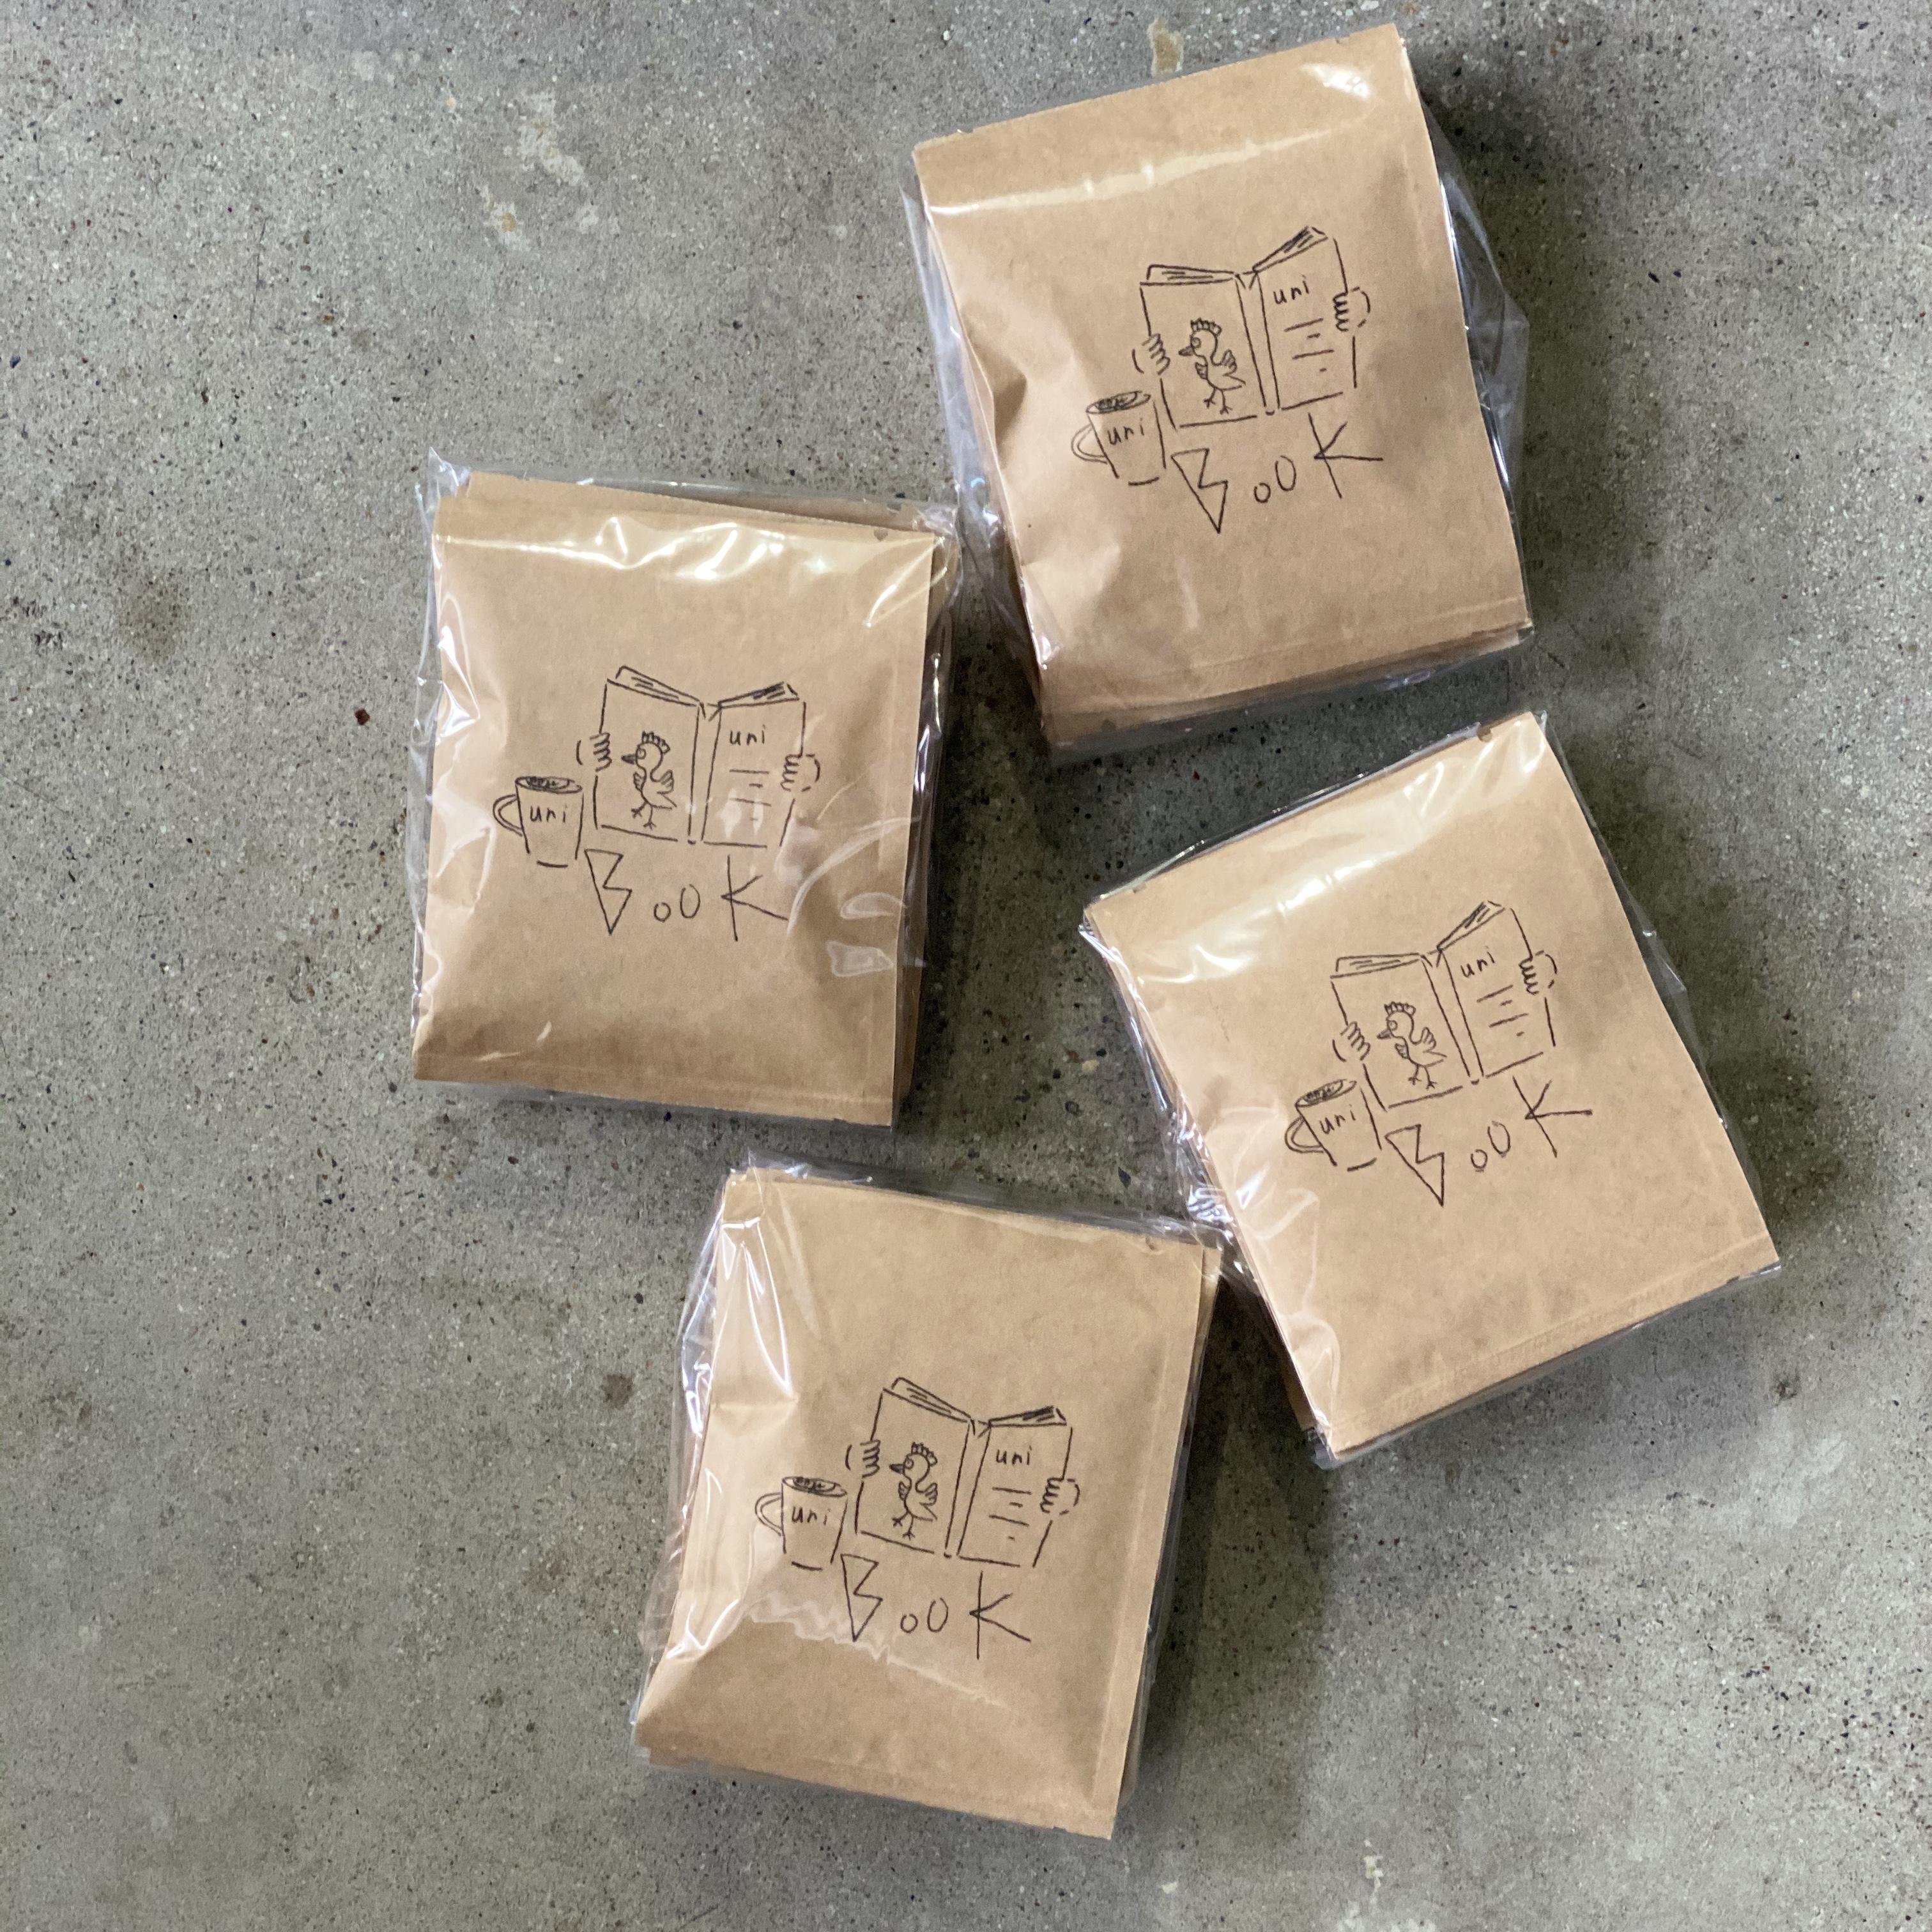 【送料無料】選べるドリップバック24袋 セット